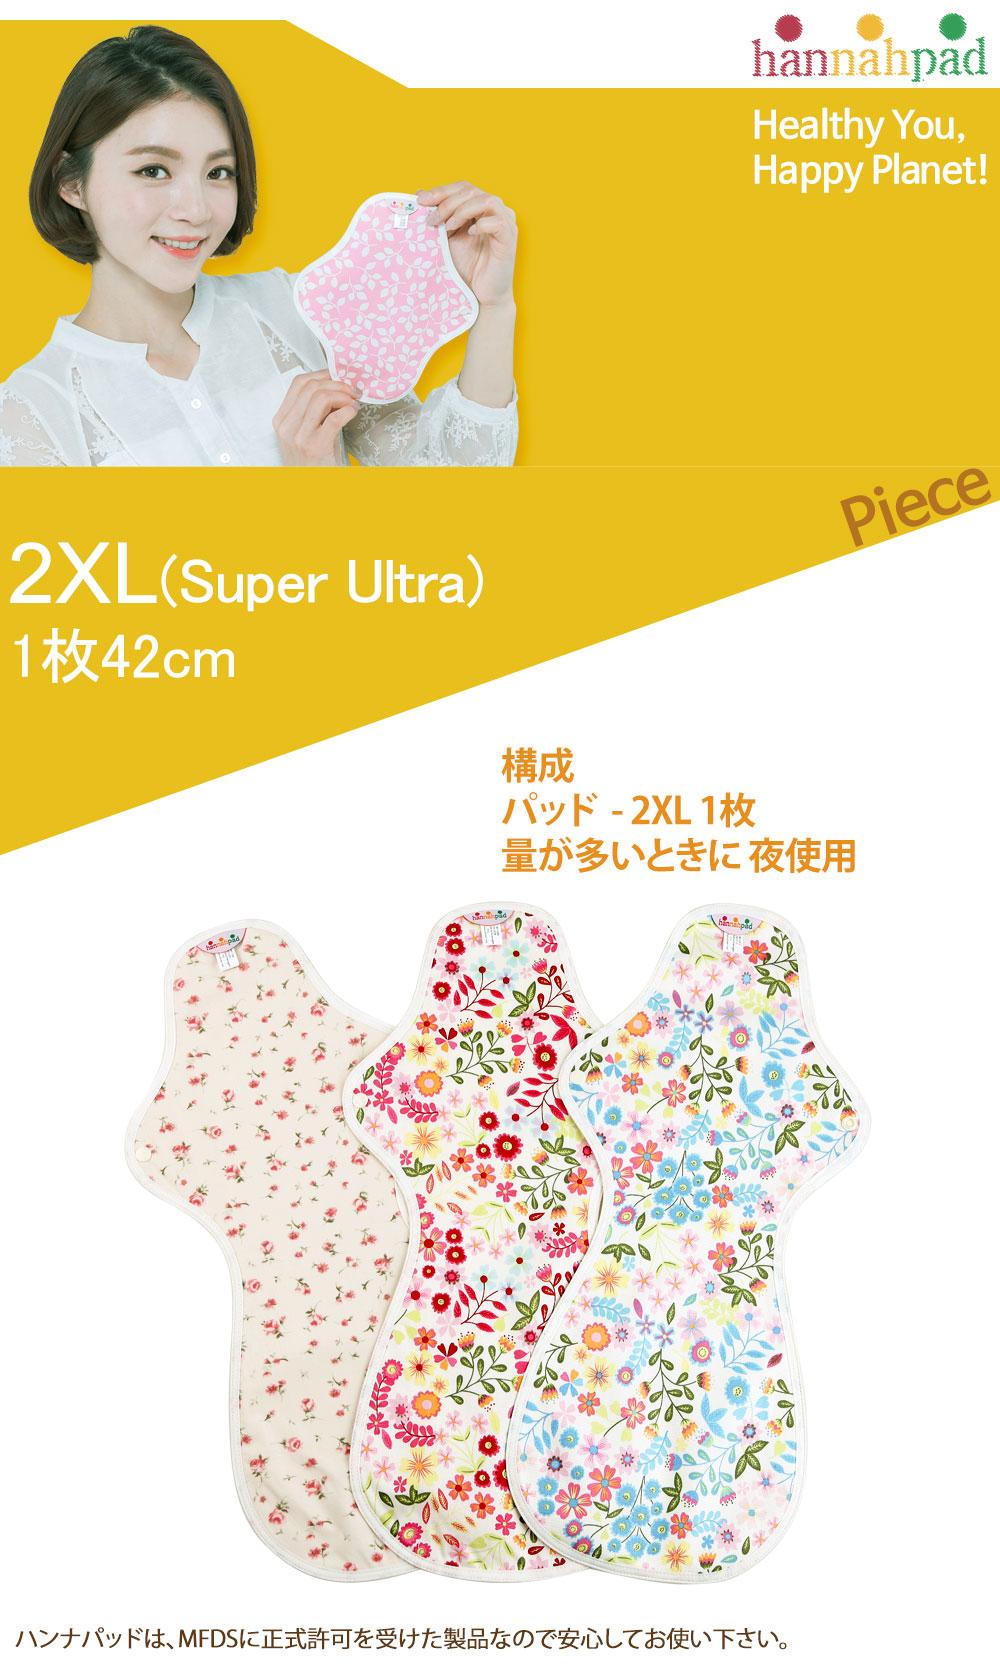 布ナプキン おりもの 重い日 Super-Ultra overnight42cm (厚さ:厚手) オーガニック布ナプキン 生理用品 有機栽培綿 月経布 布ナプキン オーガニックコットン